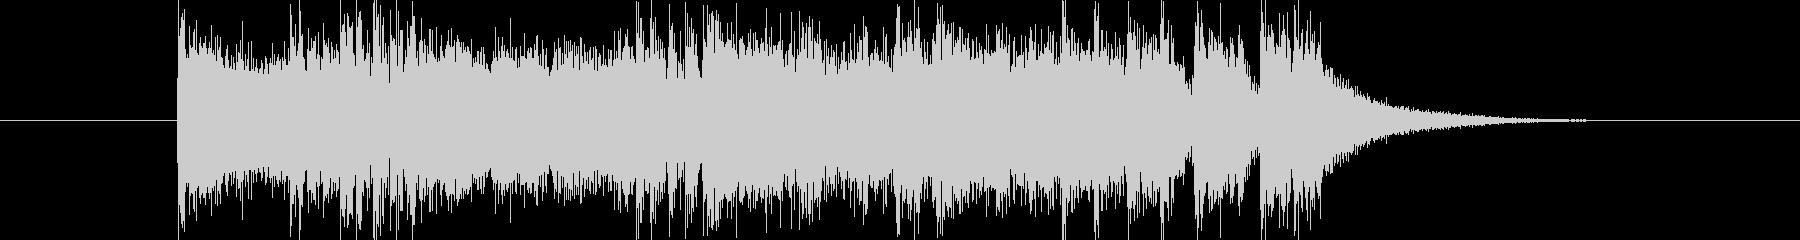 シンセとドラムによる短いジングルの未再生の波形